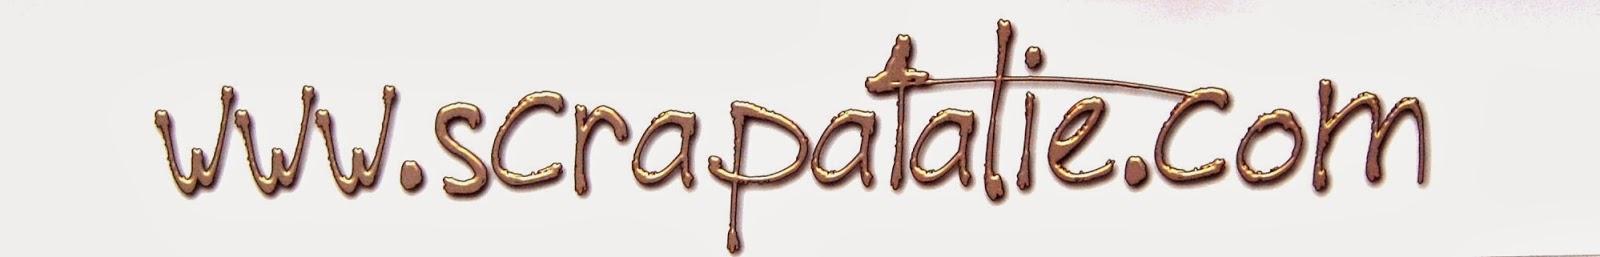 http://scrapatalie.blogspot.be/2014/01/appel-dt-chez-scrapataliecom-pour-sa.html